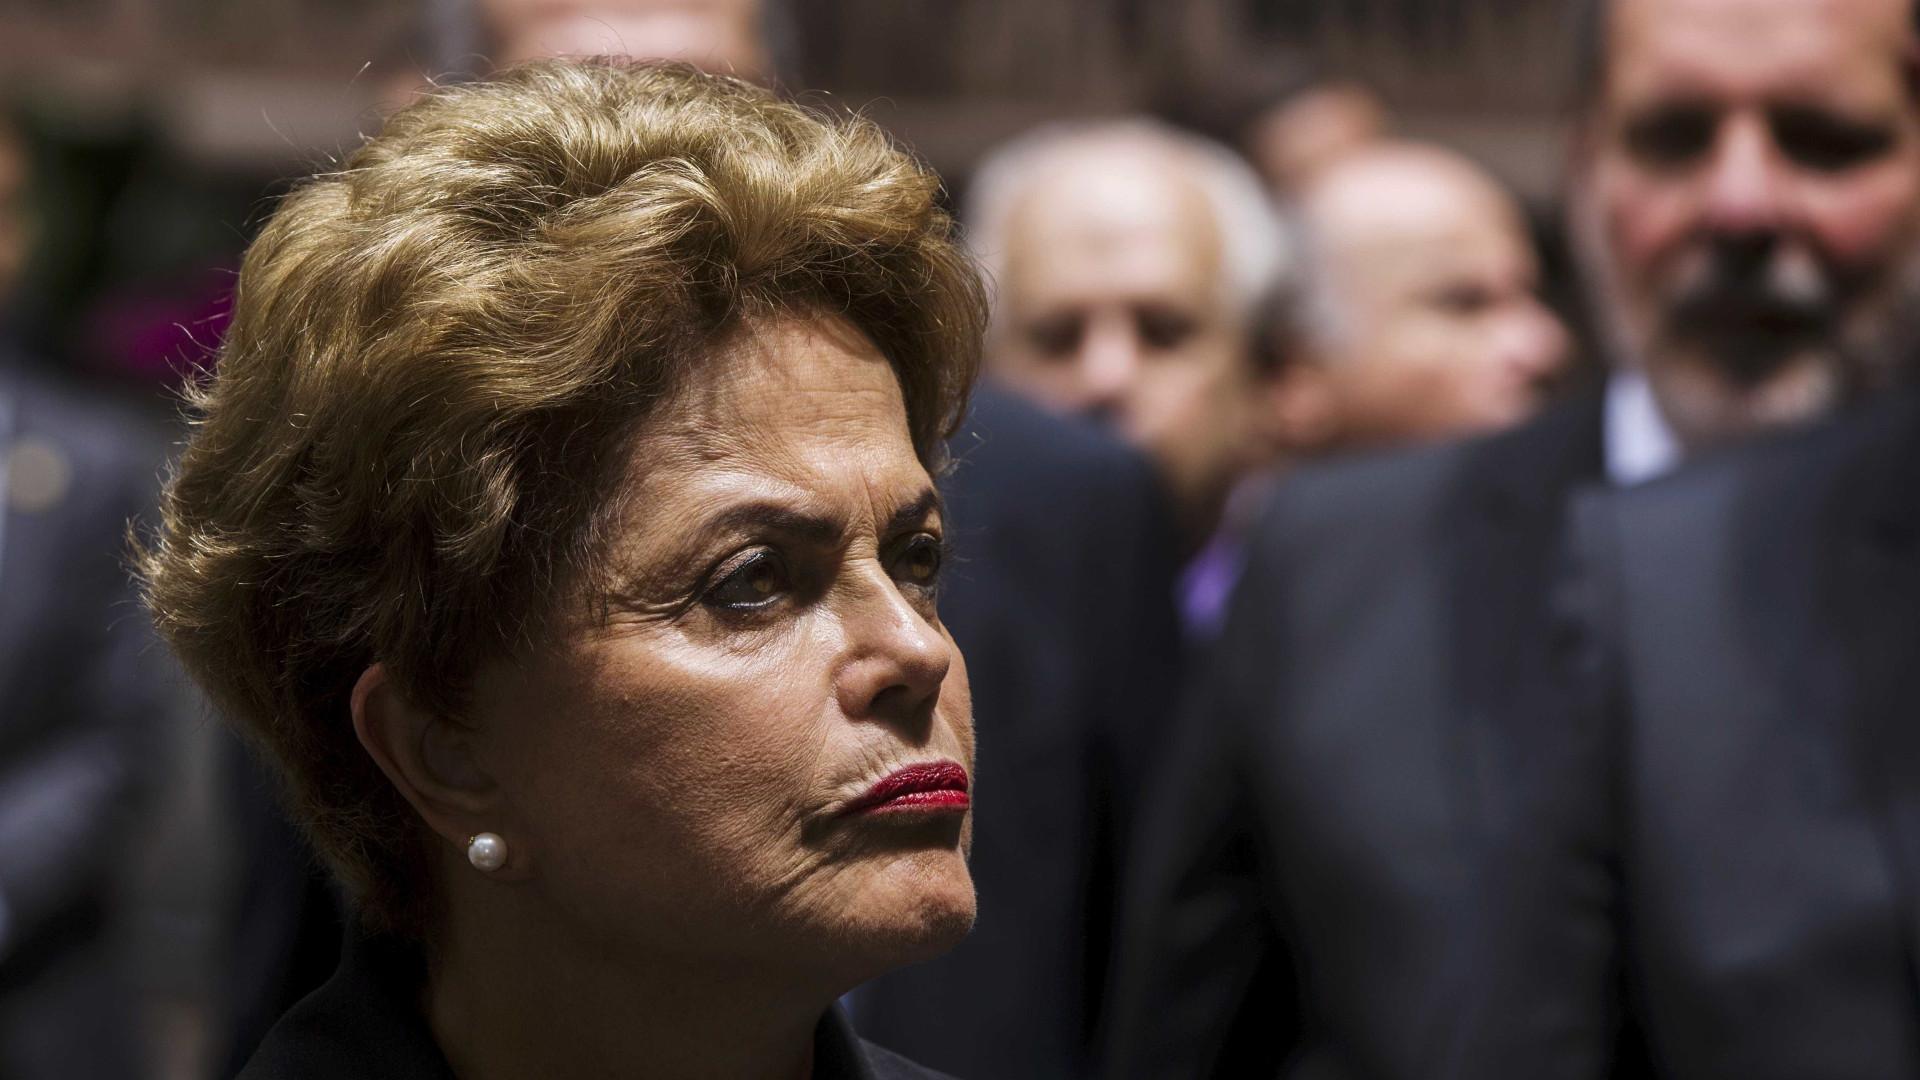 Em reunião, Dilma teria chamado Delcídio de 'filho da p.', diz jornal